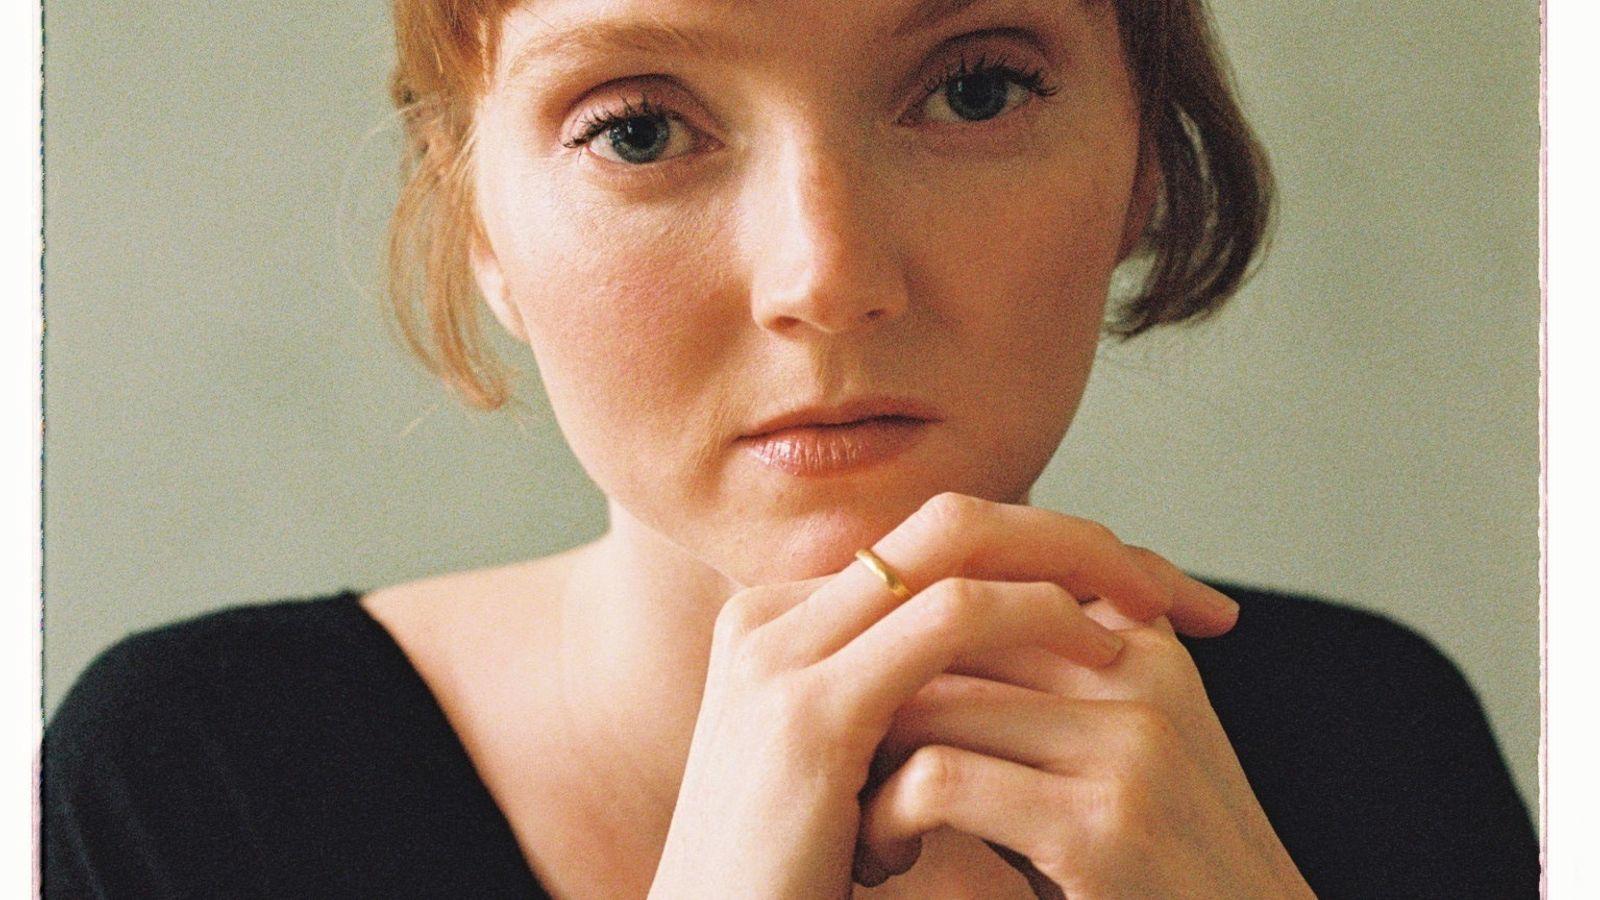 Portrait image of Lily Cole